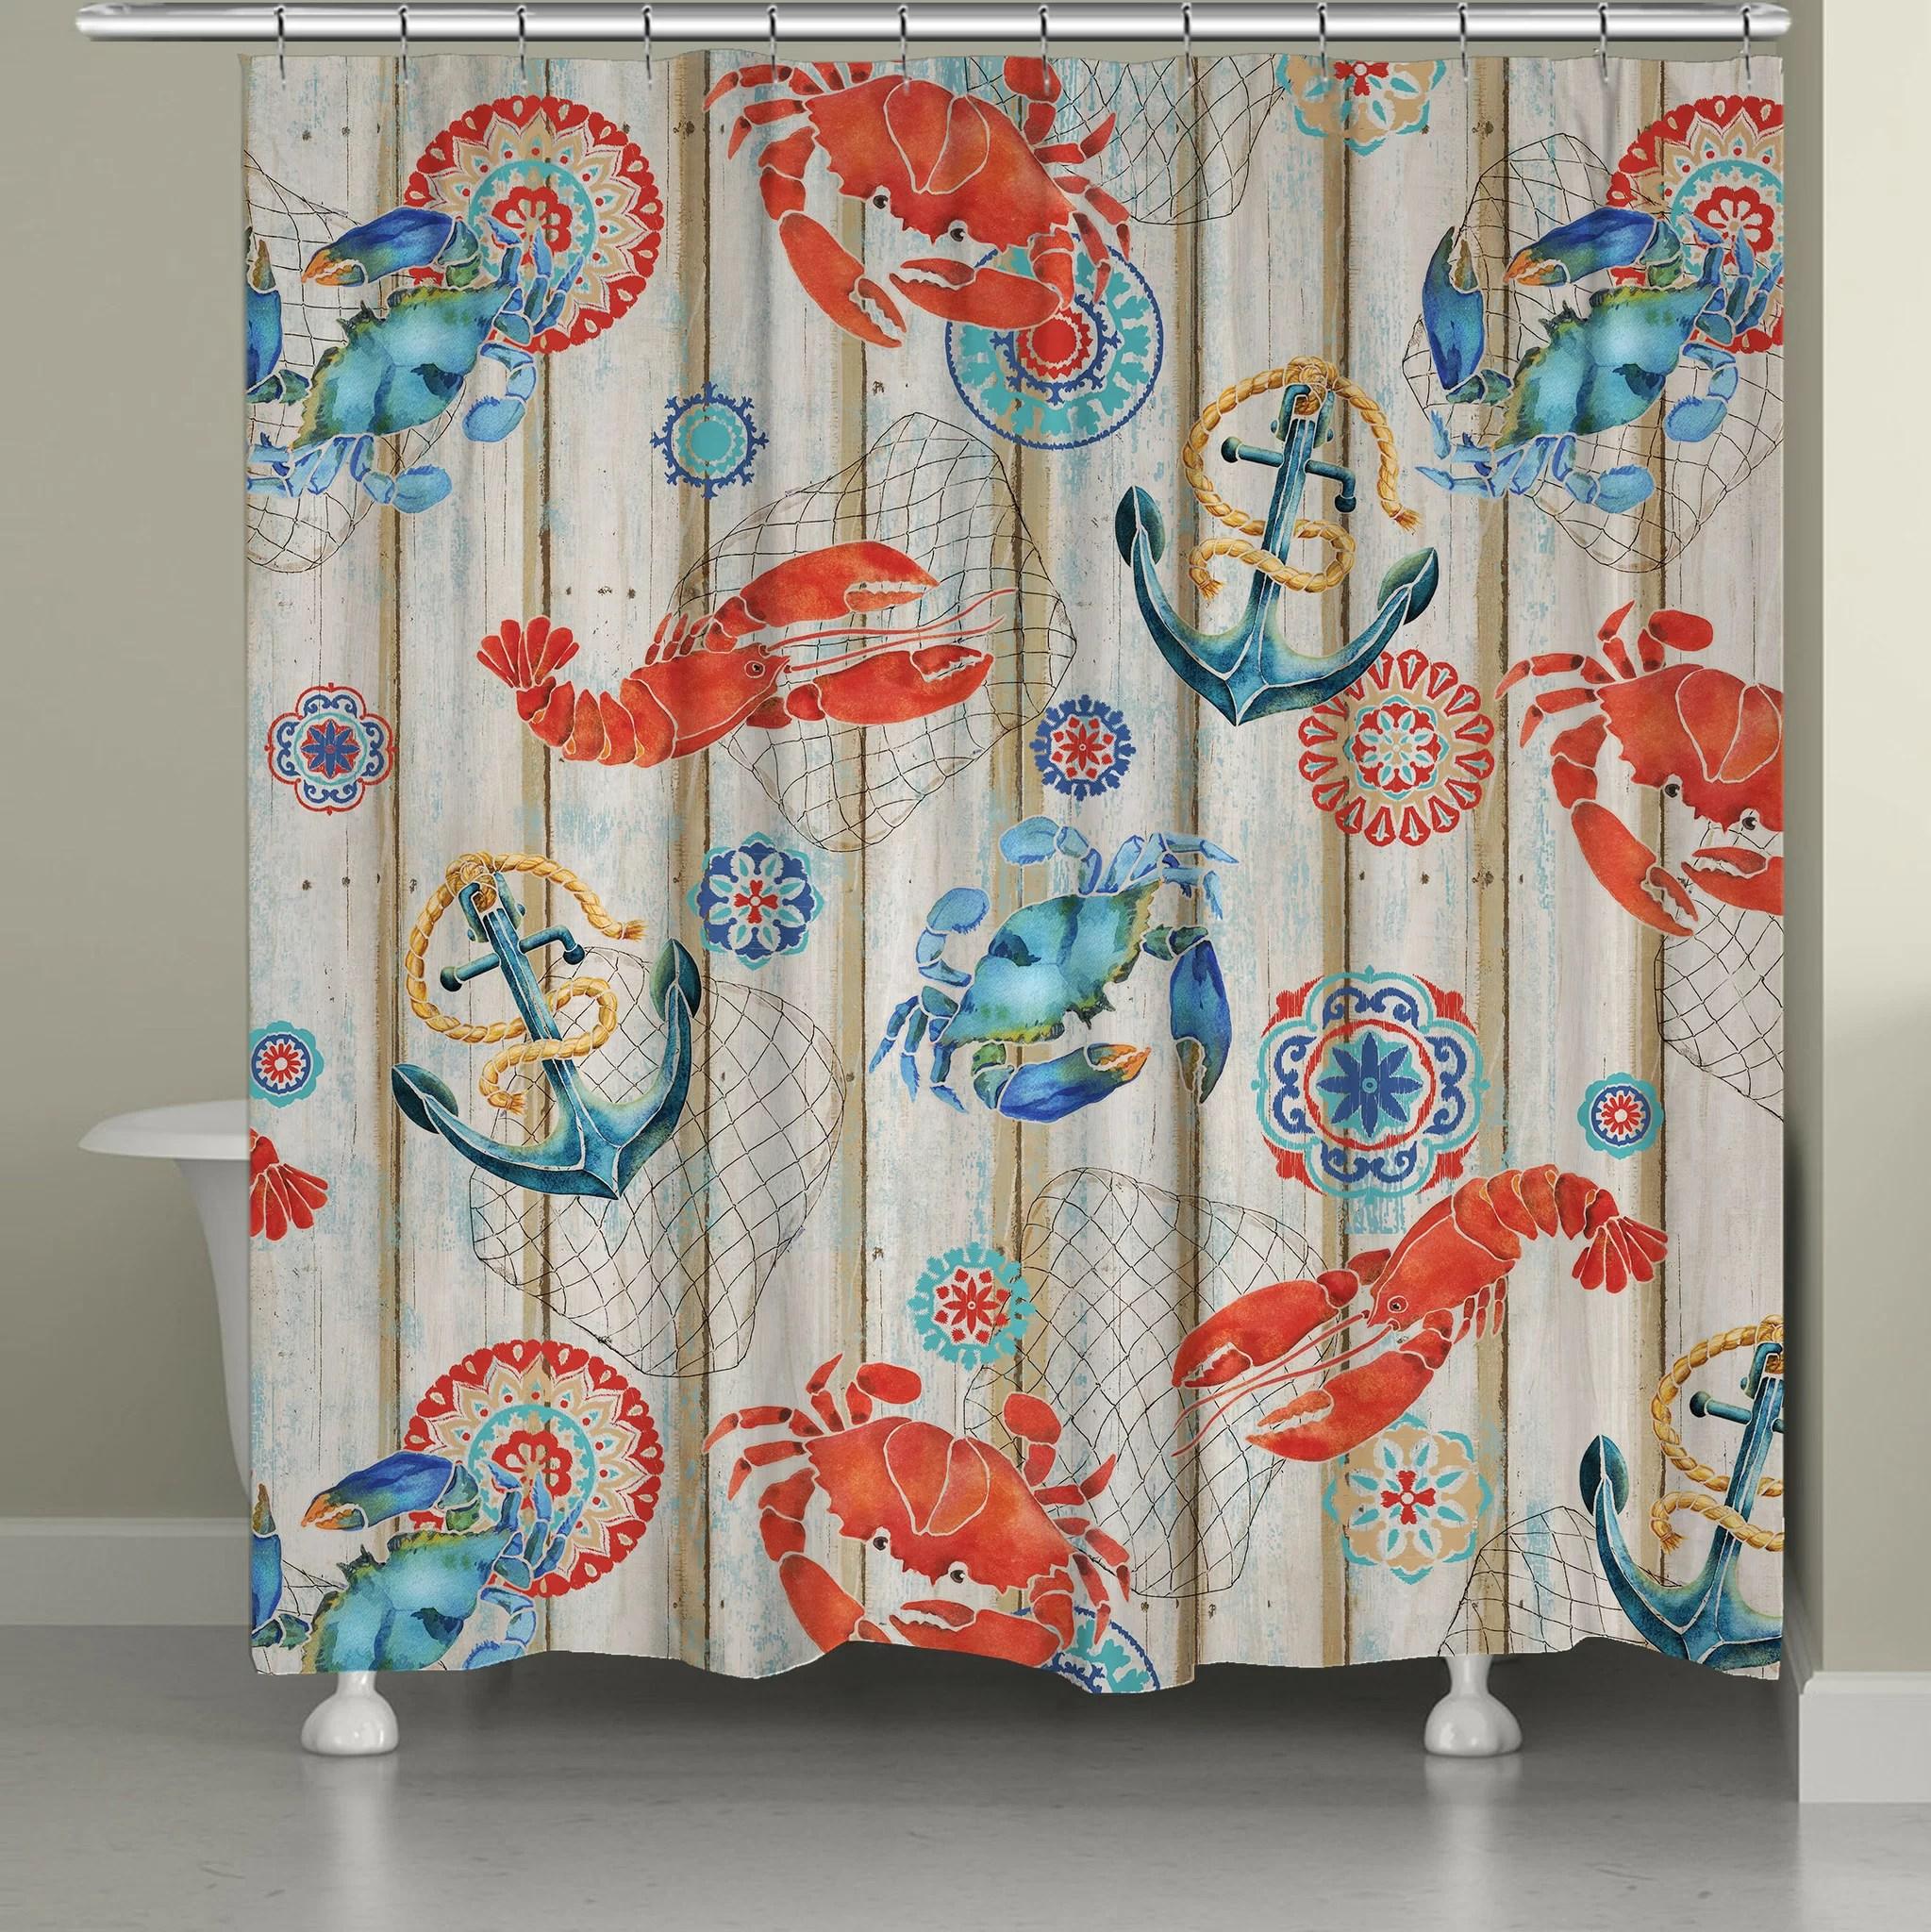 asher single shower curtain